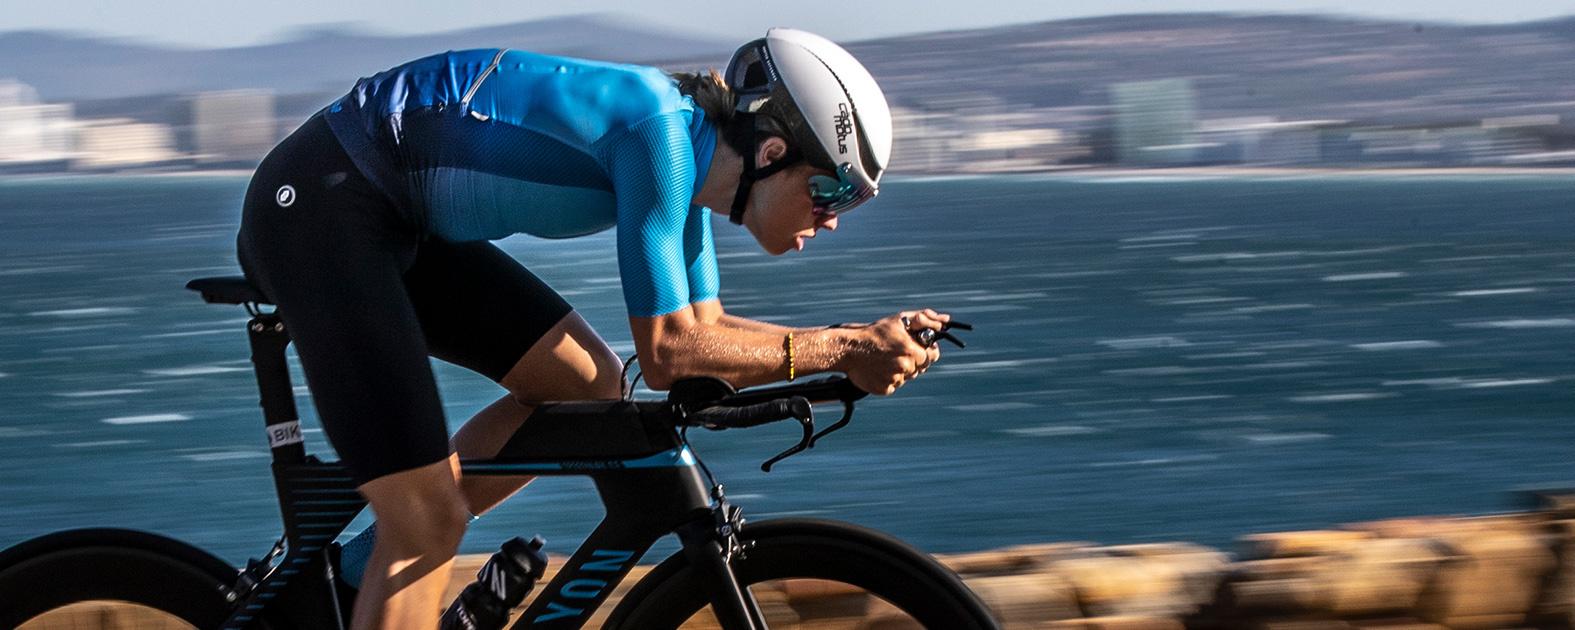 In de aerohouding draagt de Cadomotus Triathlonhelm heel comfortabel.